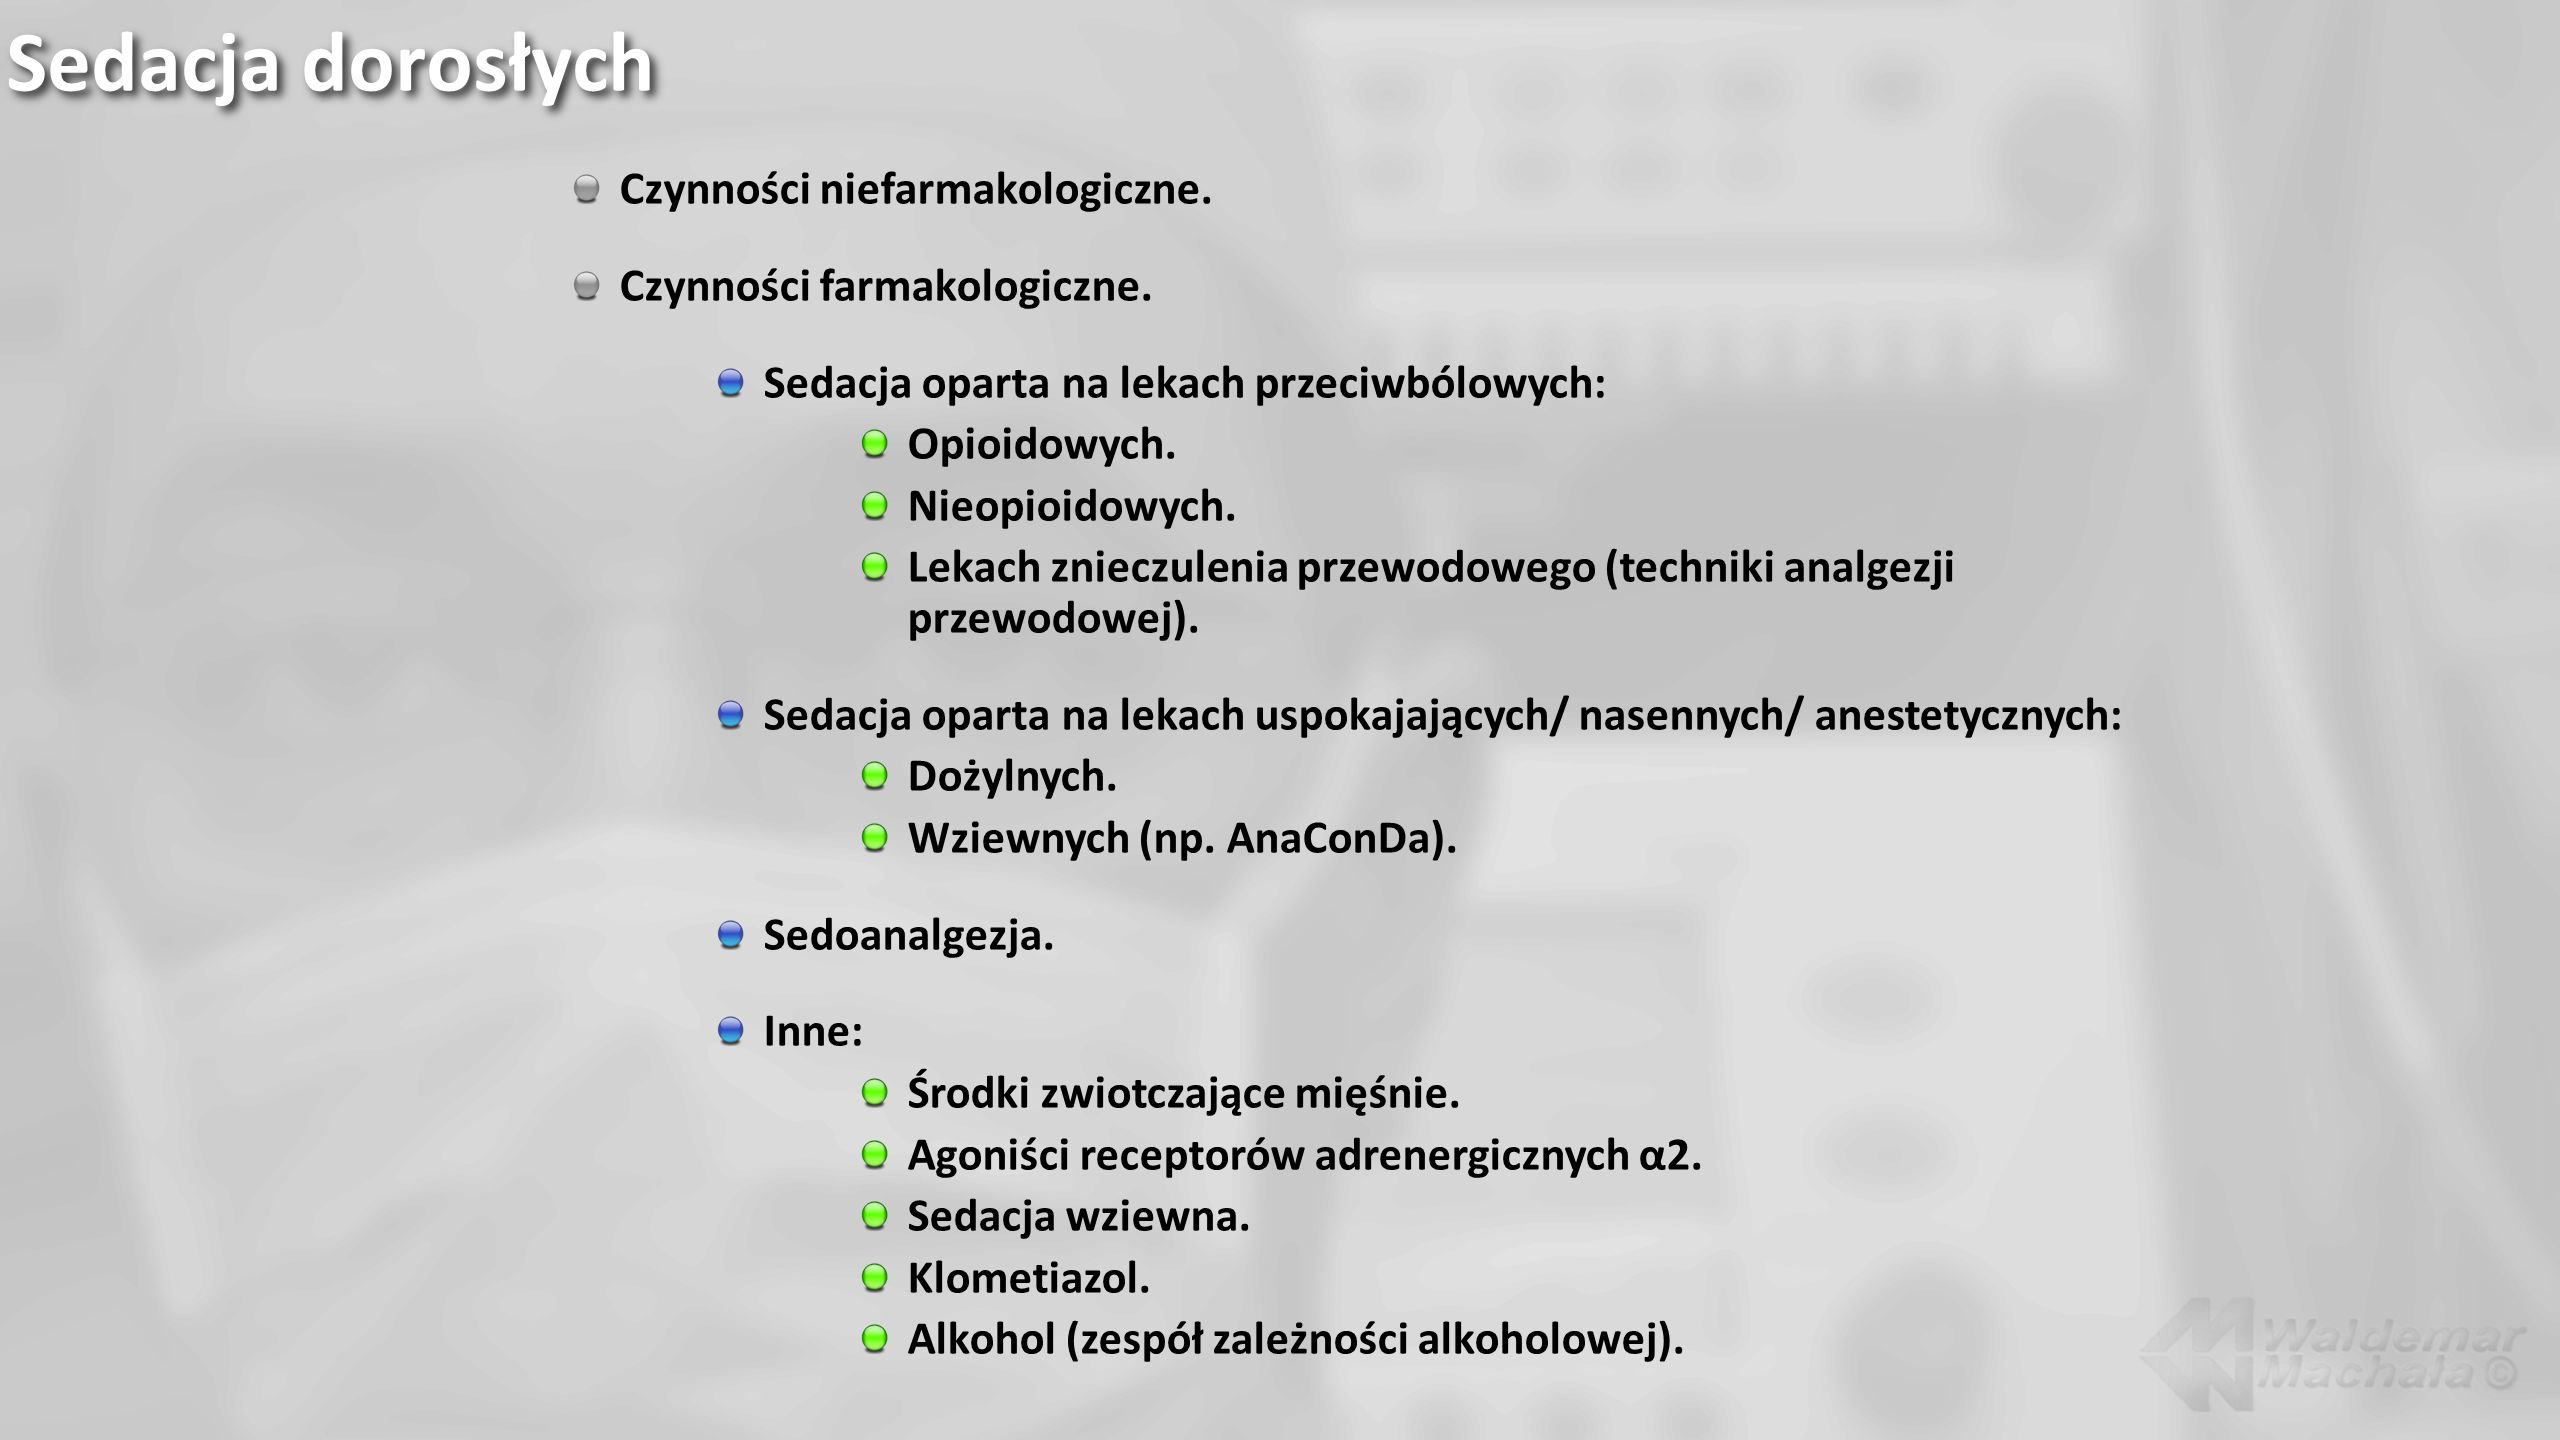 Sedacja dorosłych Czynności niefarmakologiczne.